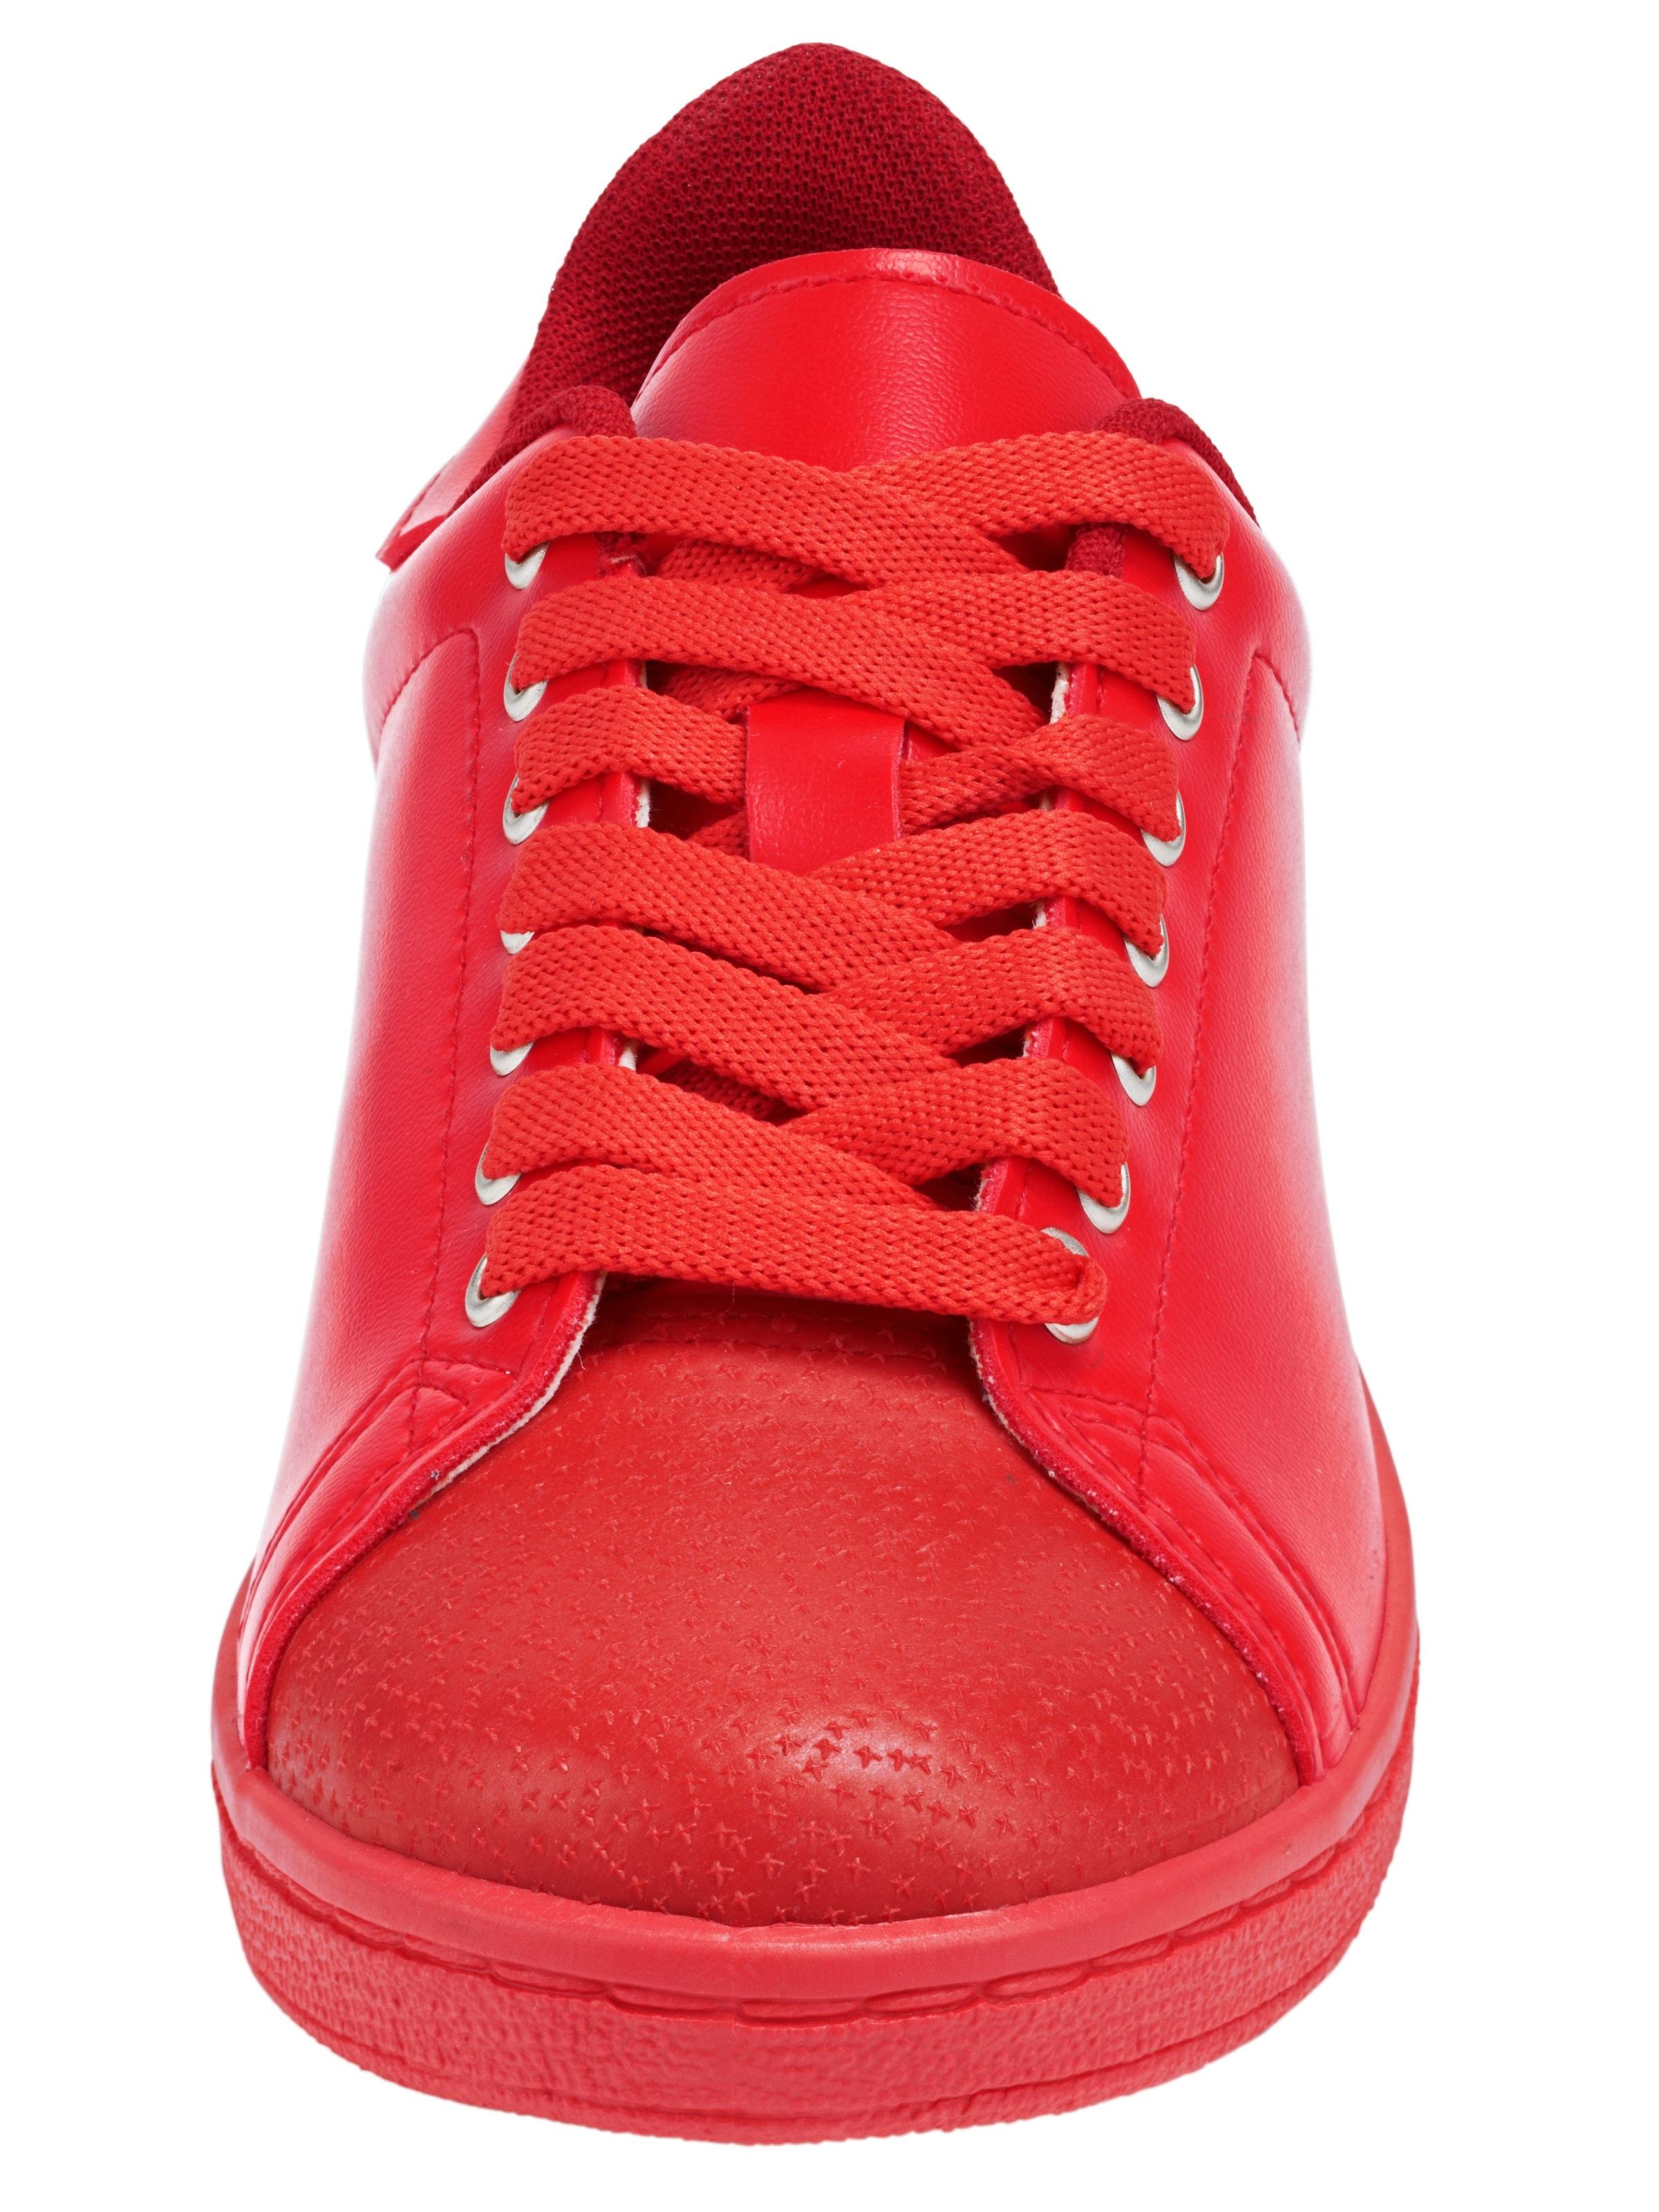 Auslasszwischenraum heine Sneaker Günstig Kaufen Lohn Mit Paypal Billig Verkauf Kosten Günstig Kaufen Billig gv7FOhNKP